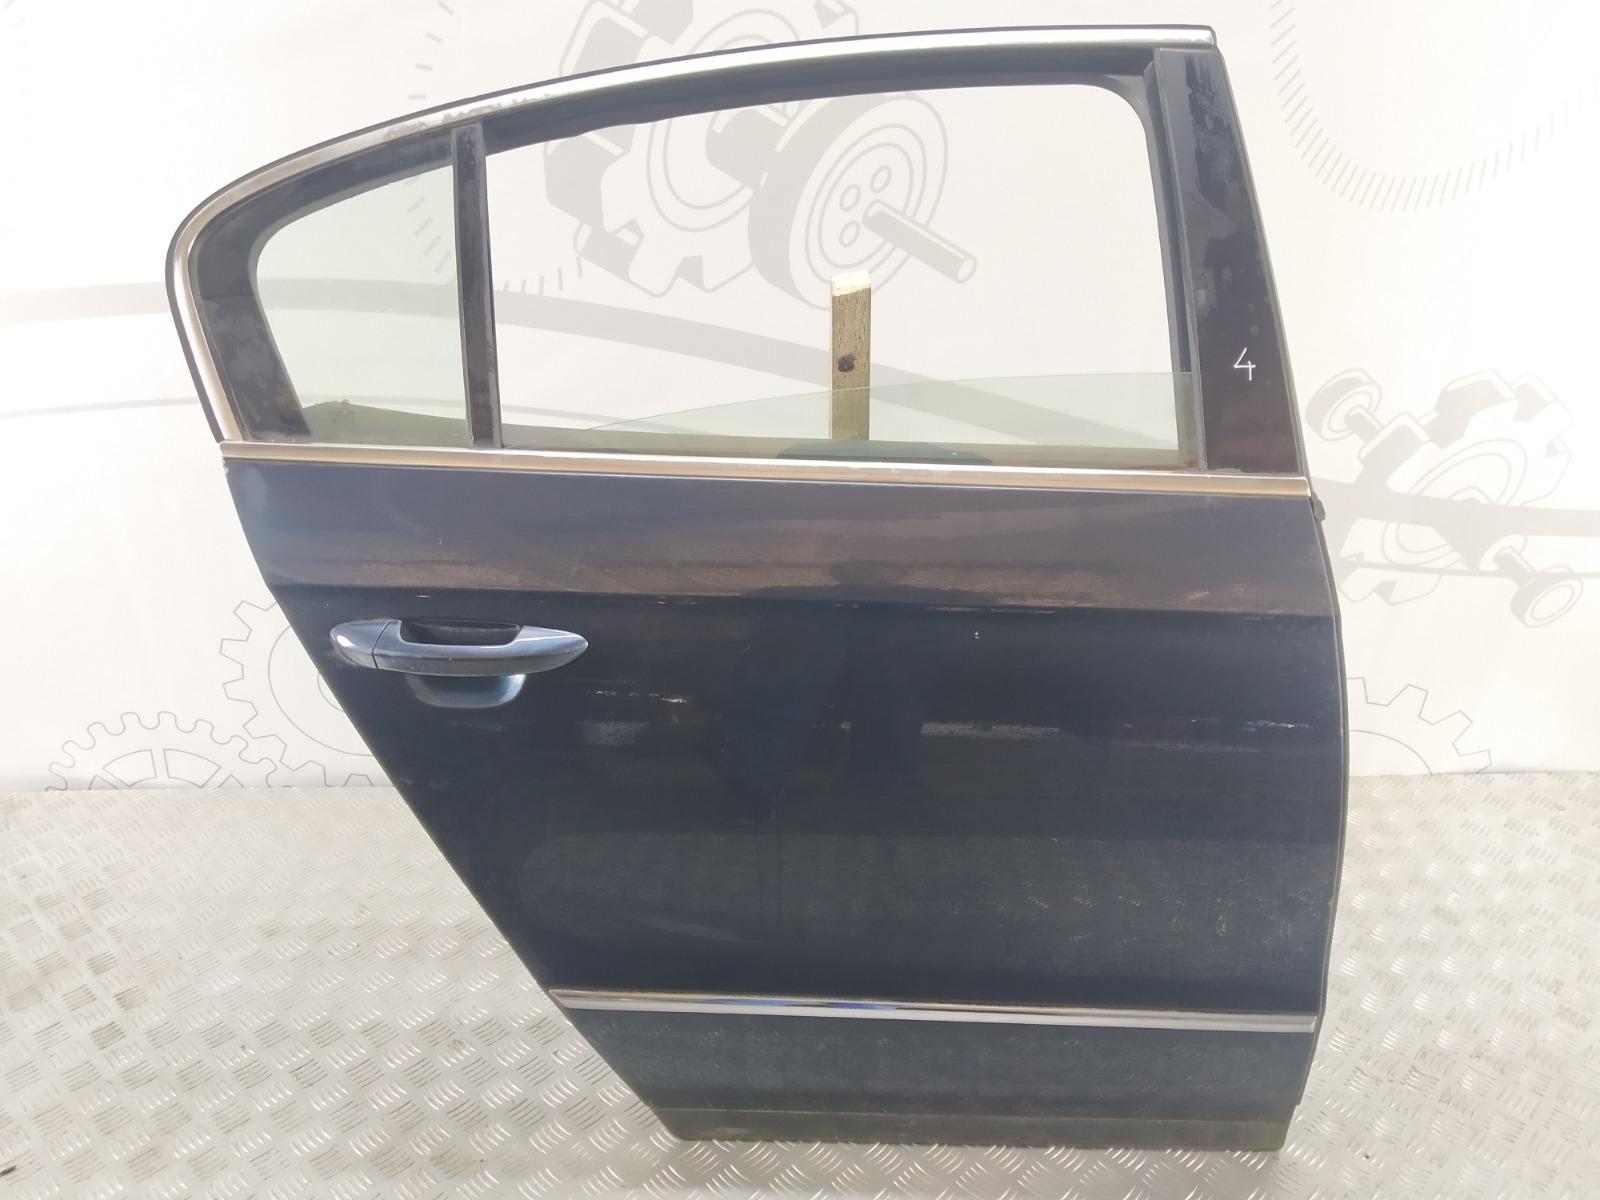 Дверь задняя правая Volkswagen Passat B6 2.0 TDI 2006 (б/у)